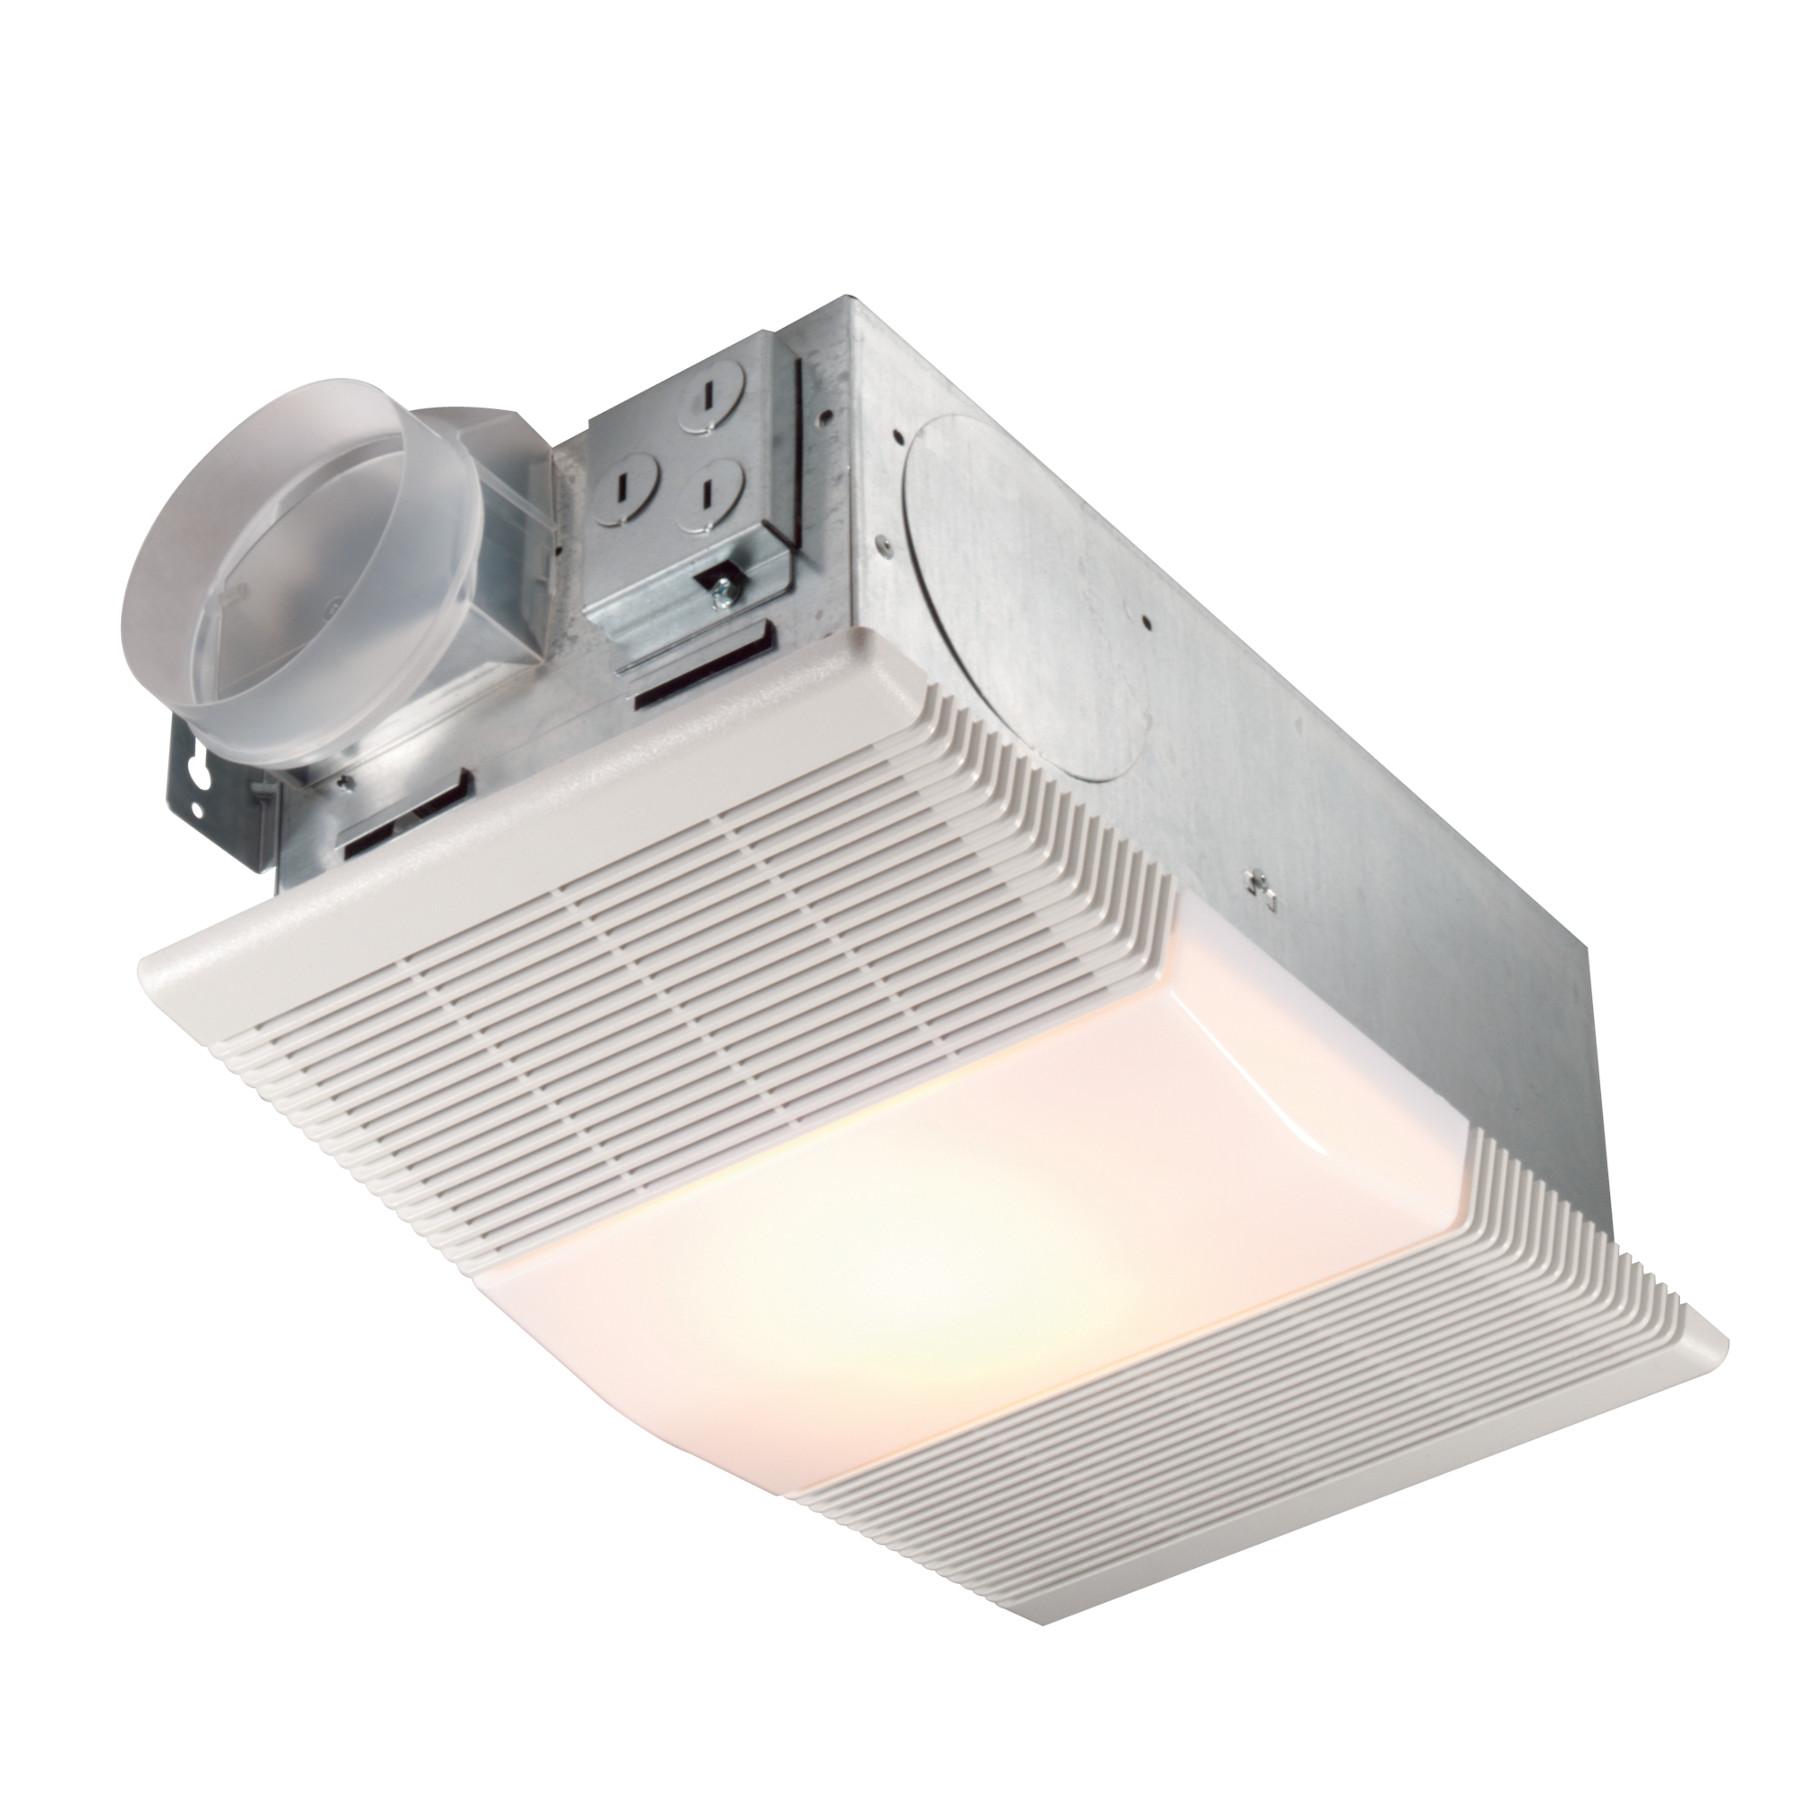 665rp Nutone Heater Fan Light 70 Cfm, Bathroom Light Fan Heater